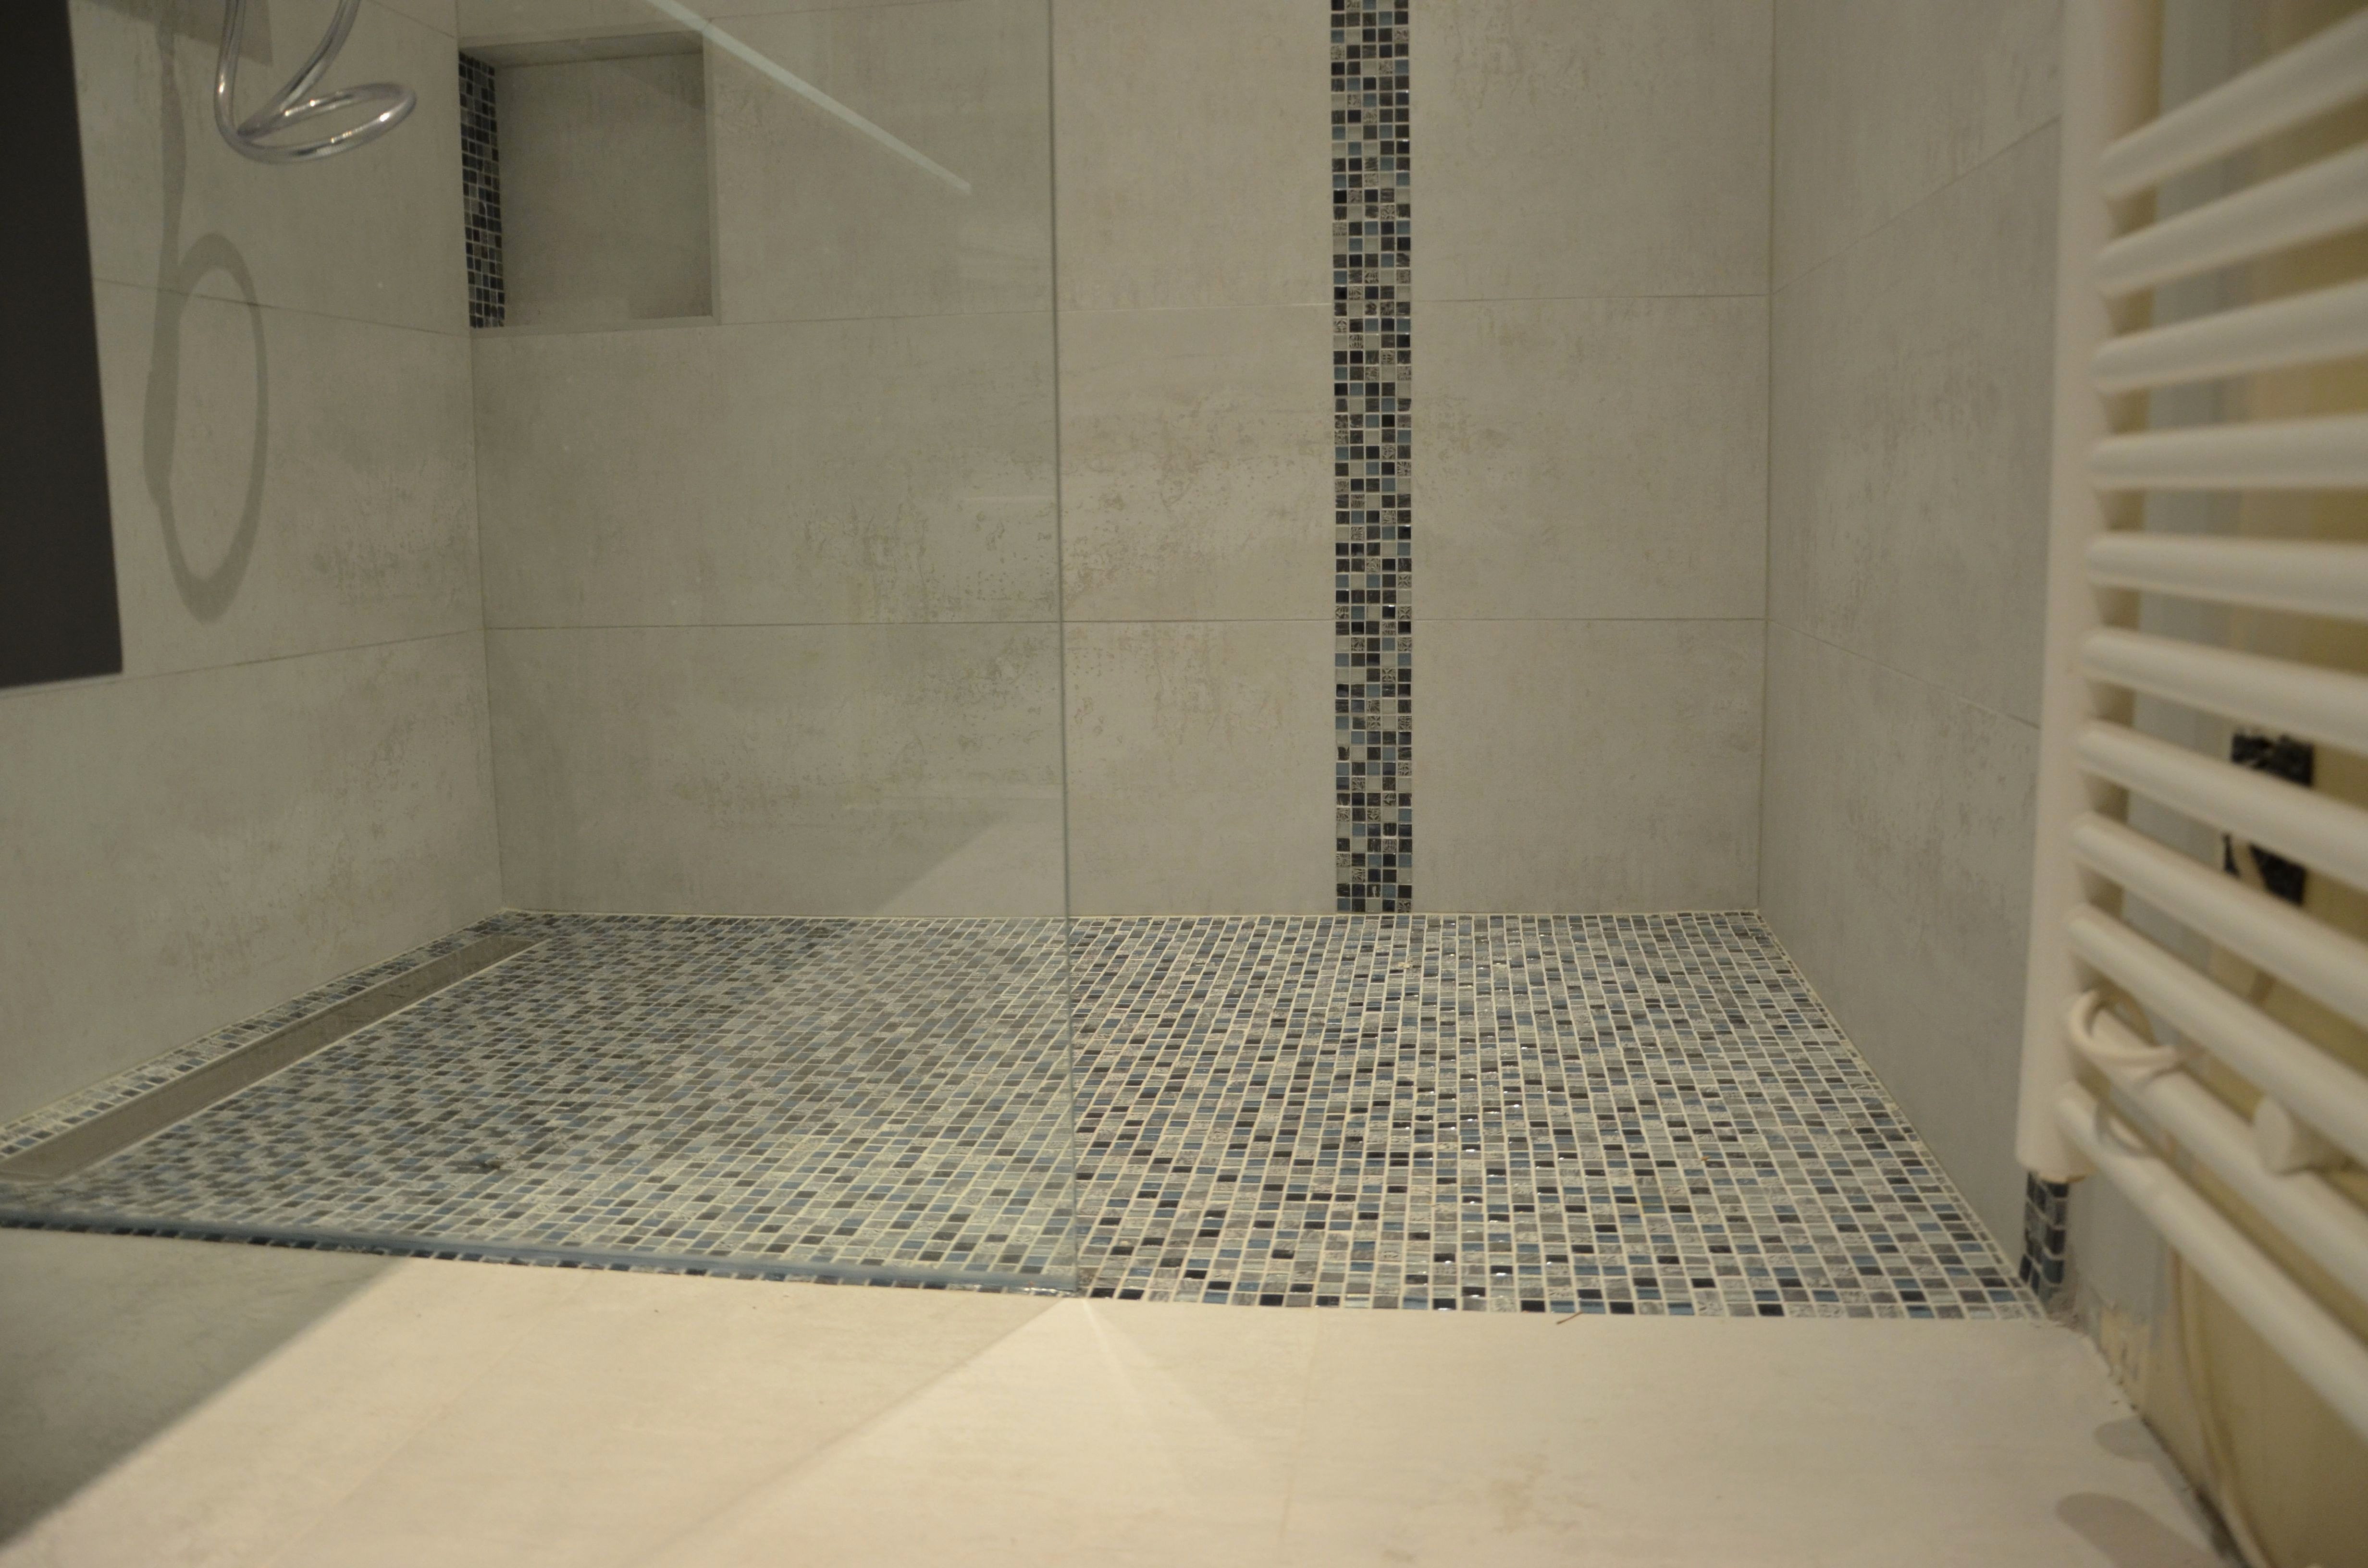 Carrelage Mosaique Castorama Unique Photos Carrelage Salle De Bain Castorama Fresh Unique Peinture Pour